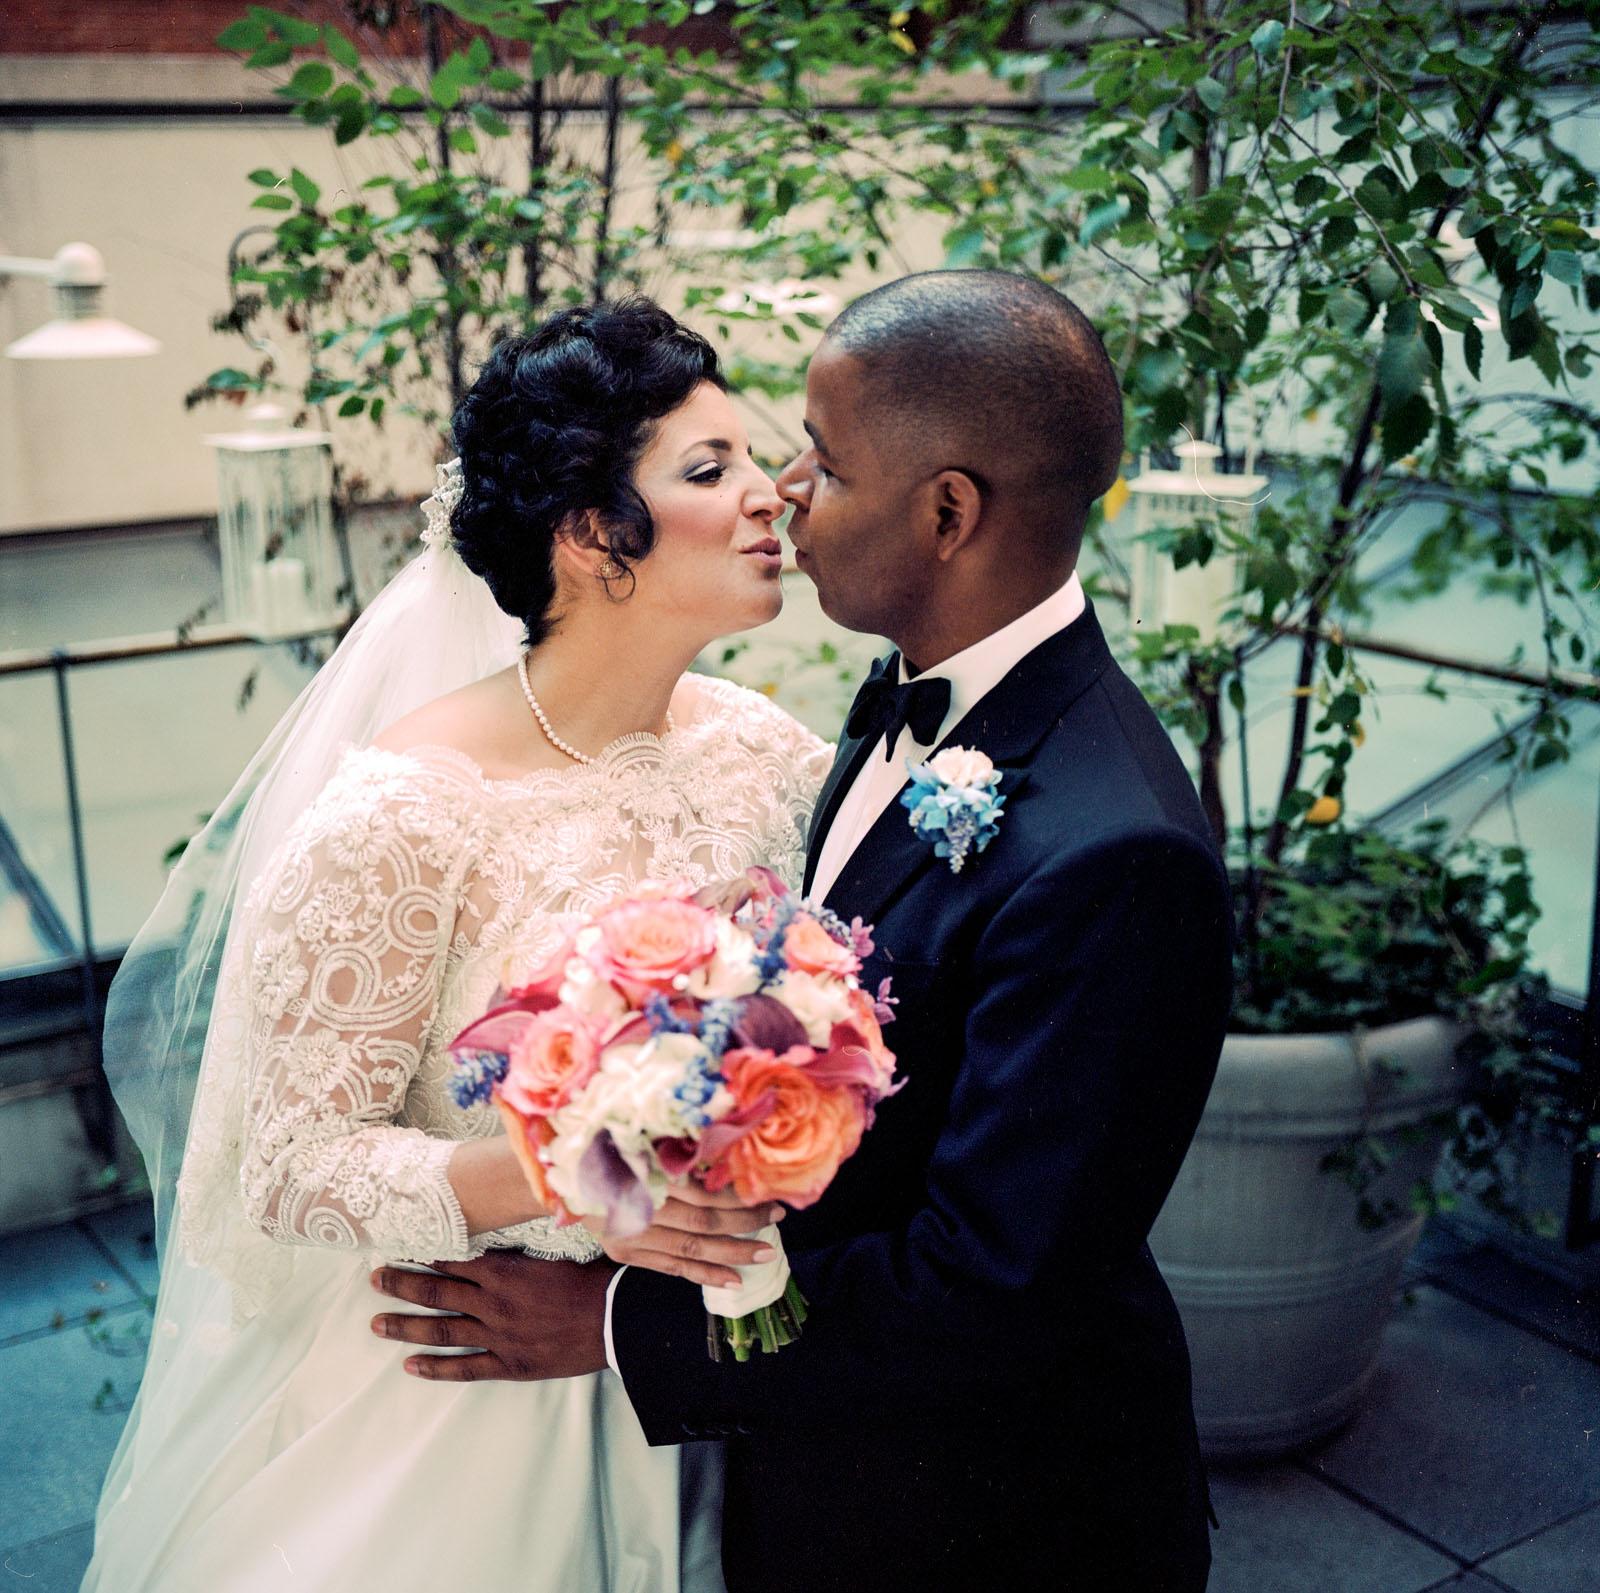 Wedding020_Untitled-9.jpg